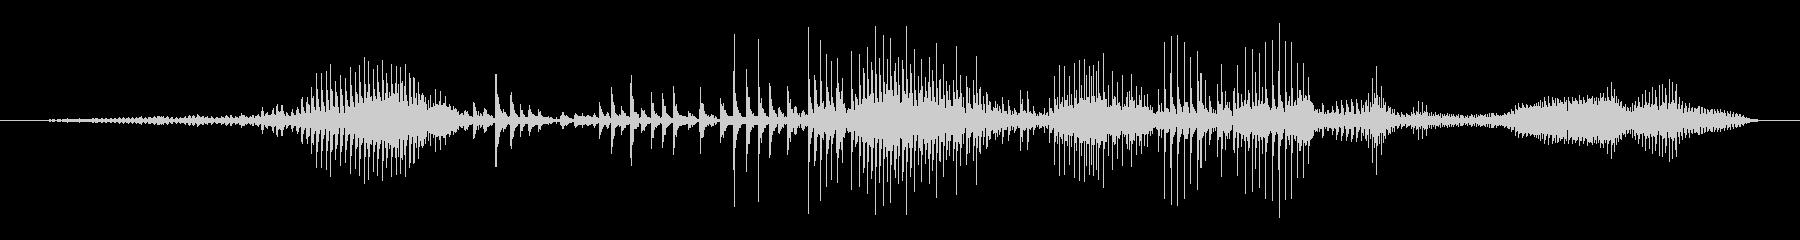 木 クリークスローポリフォニック01の未再生の波形